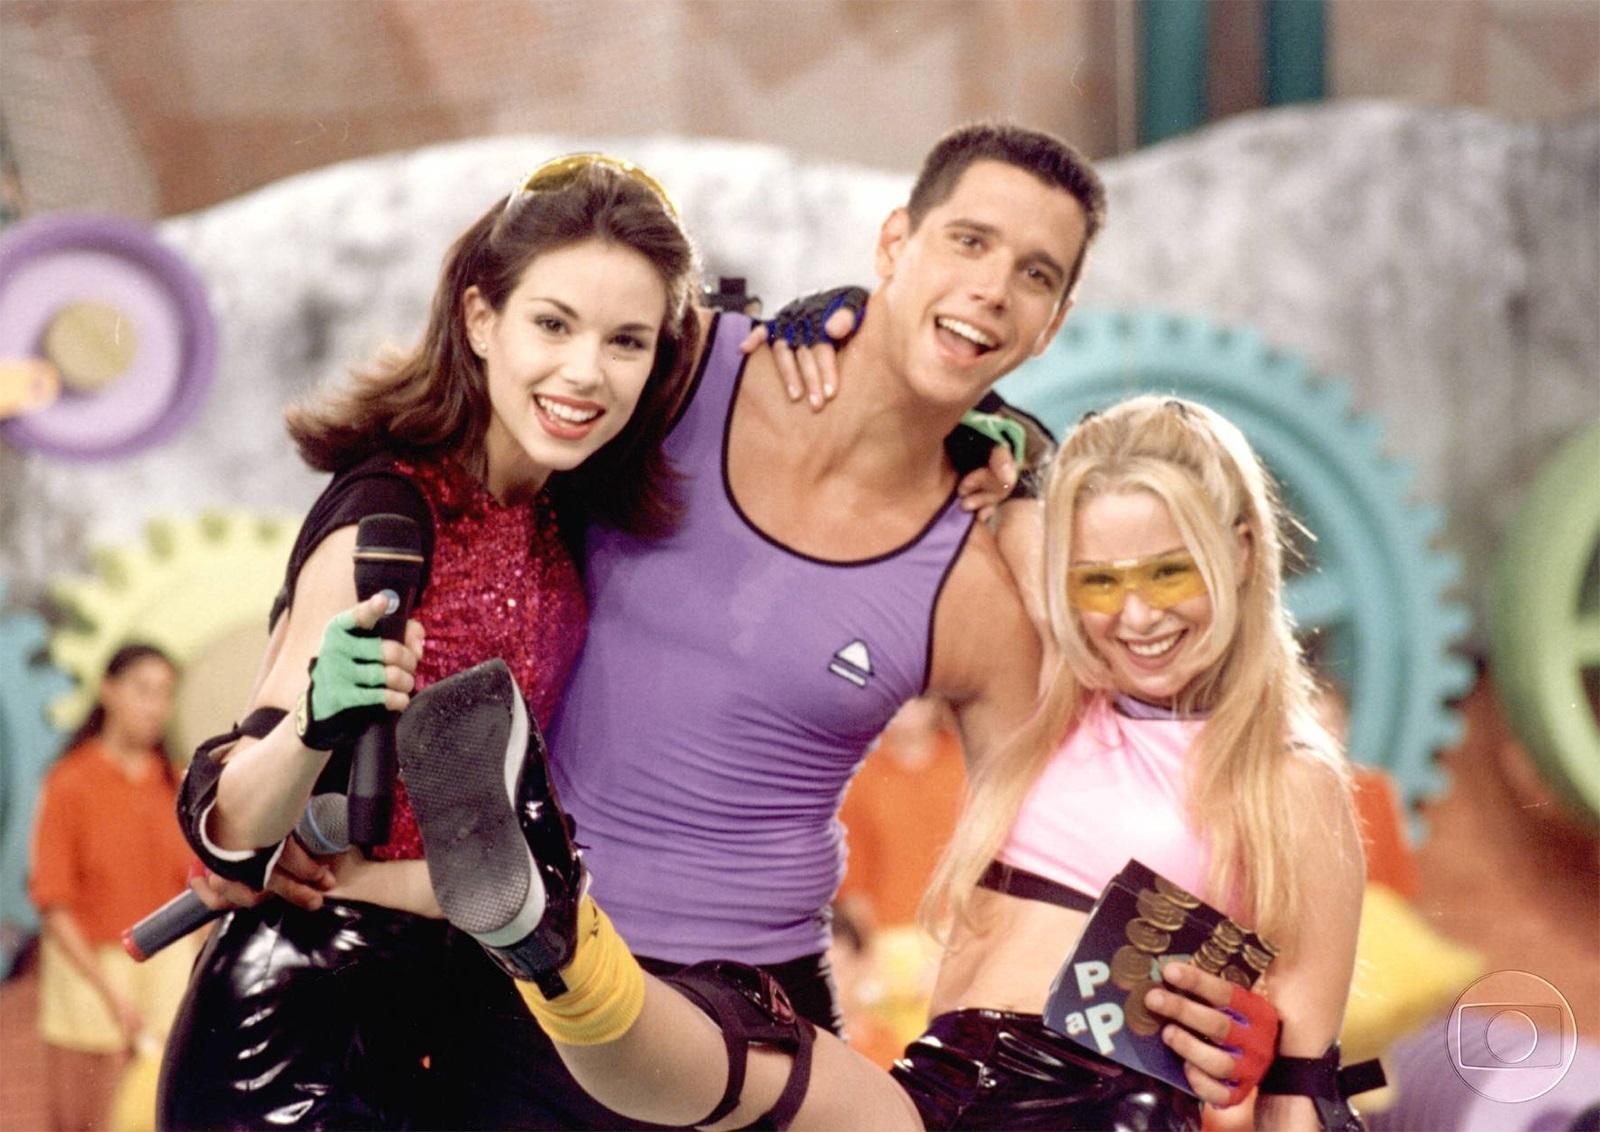 Ana Furtado ao lado de Márcio Garcia e Danielle Winits no 'Ponto a Ponto' (Foto: reprodução/Globo)